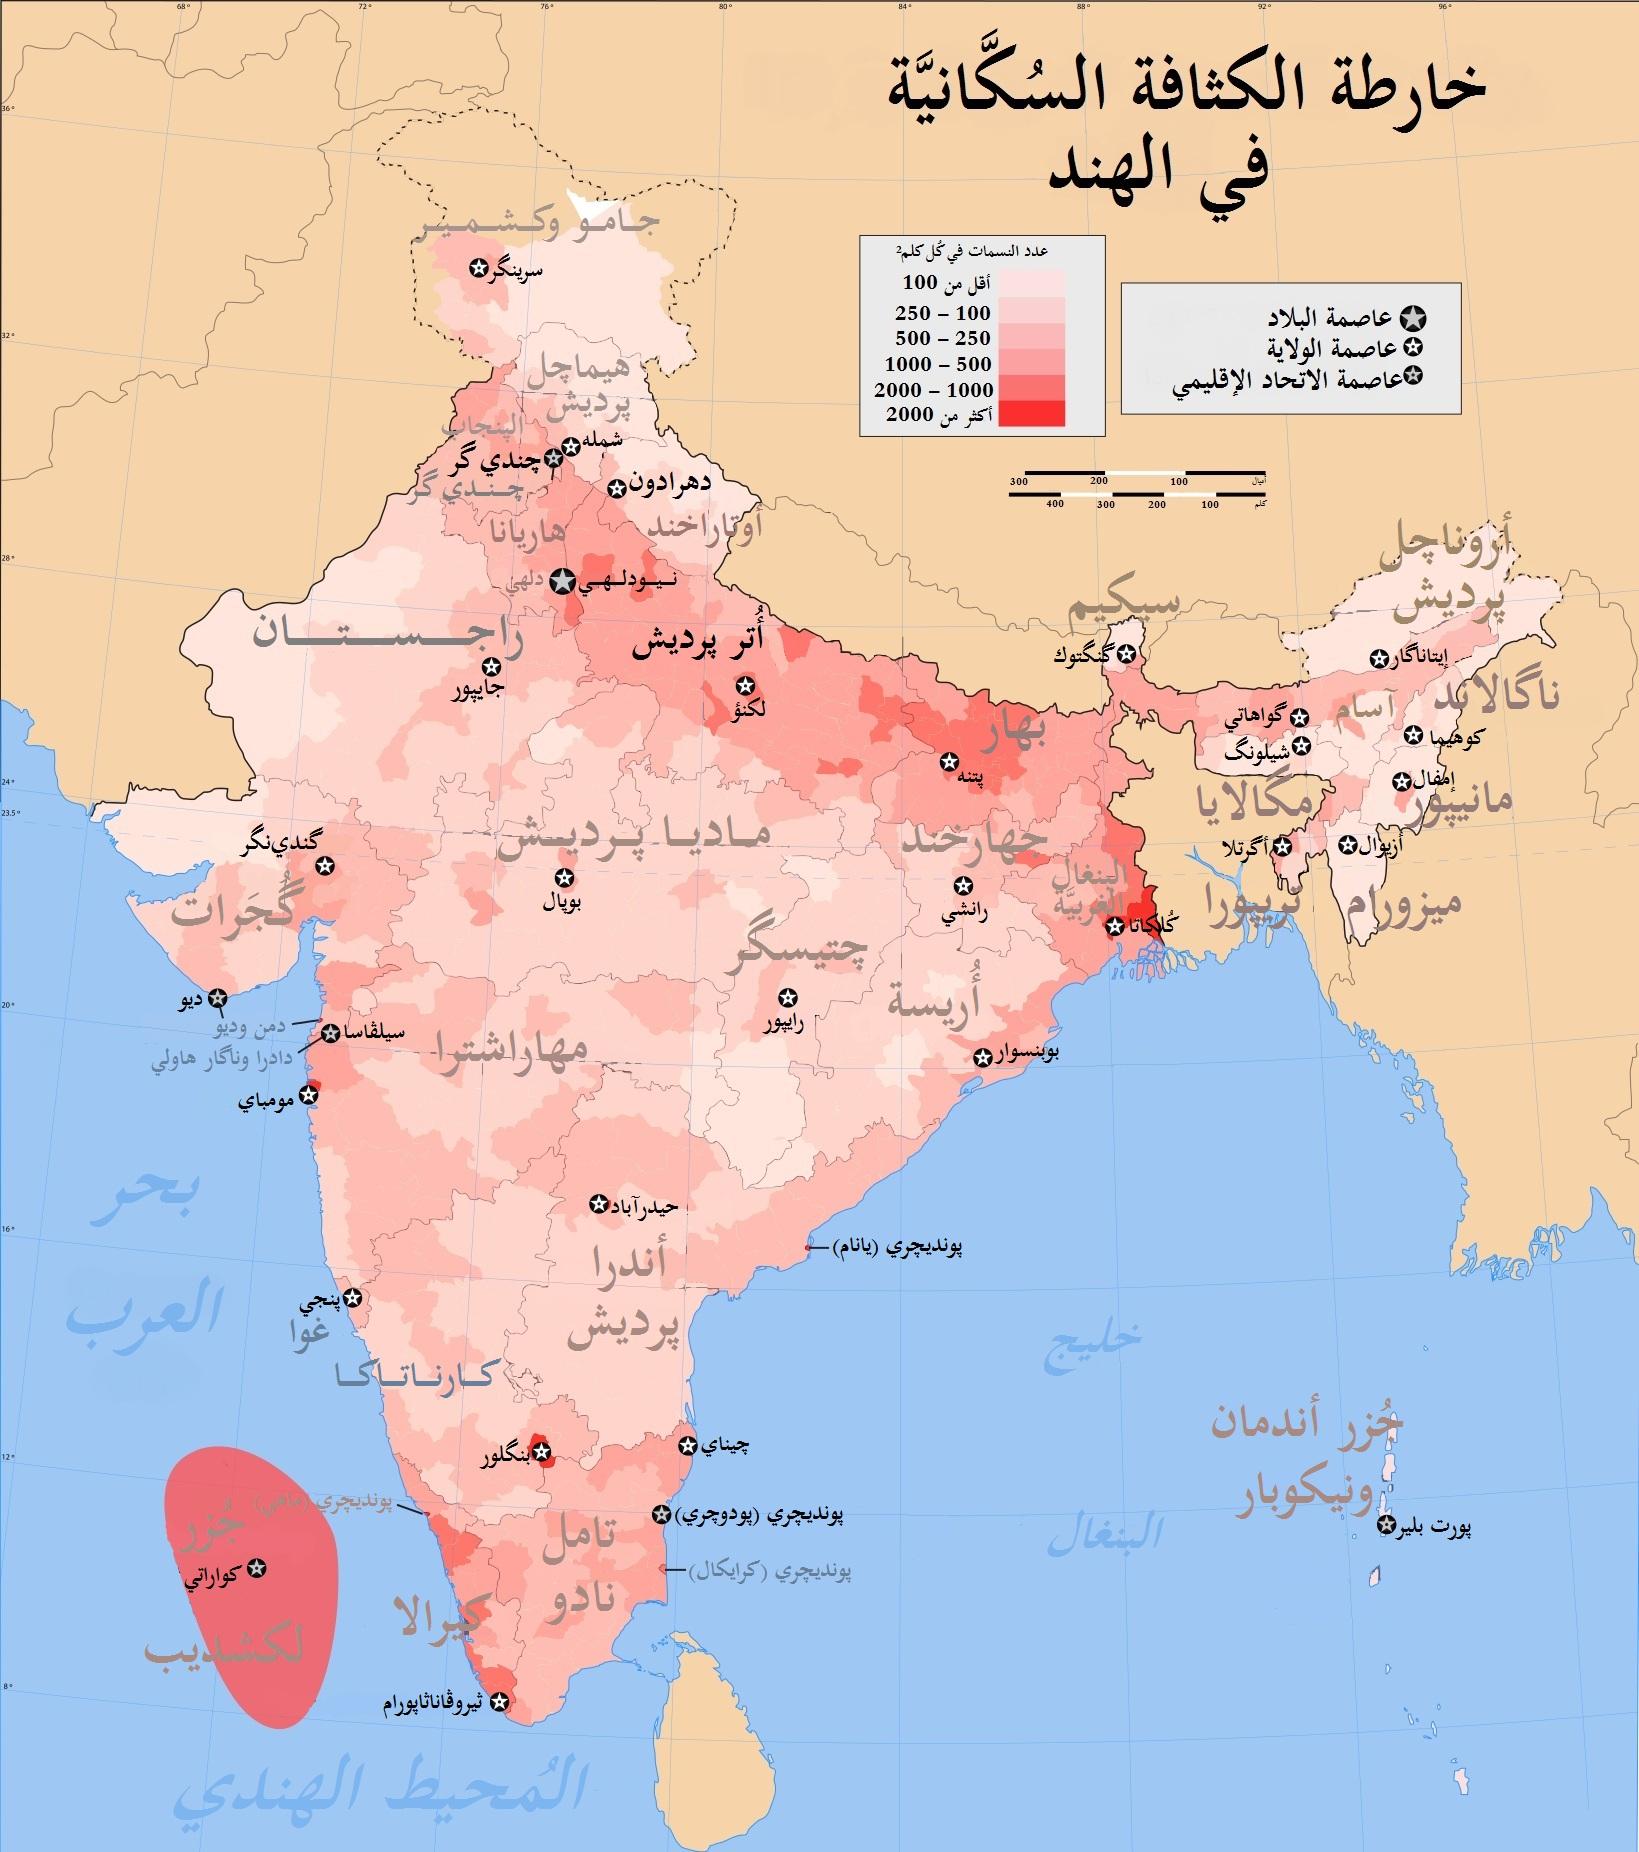 خريطة الكثافة السكانية في الهند.